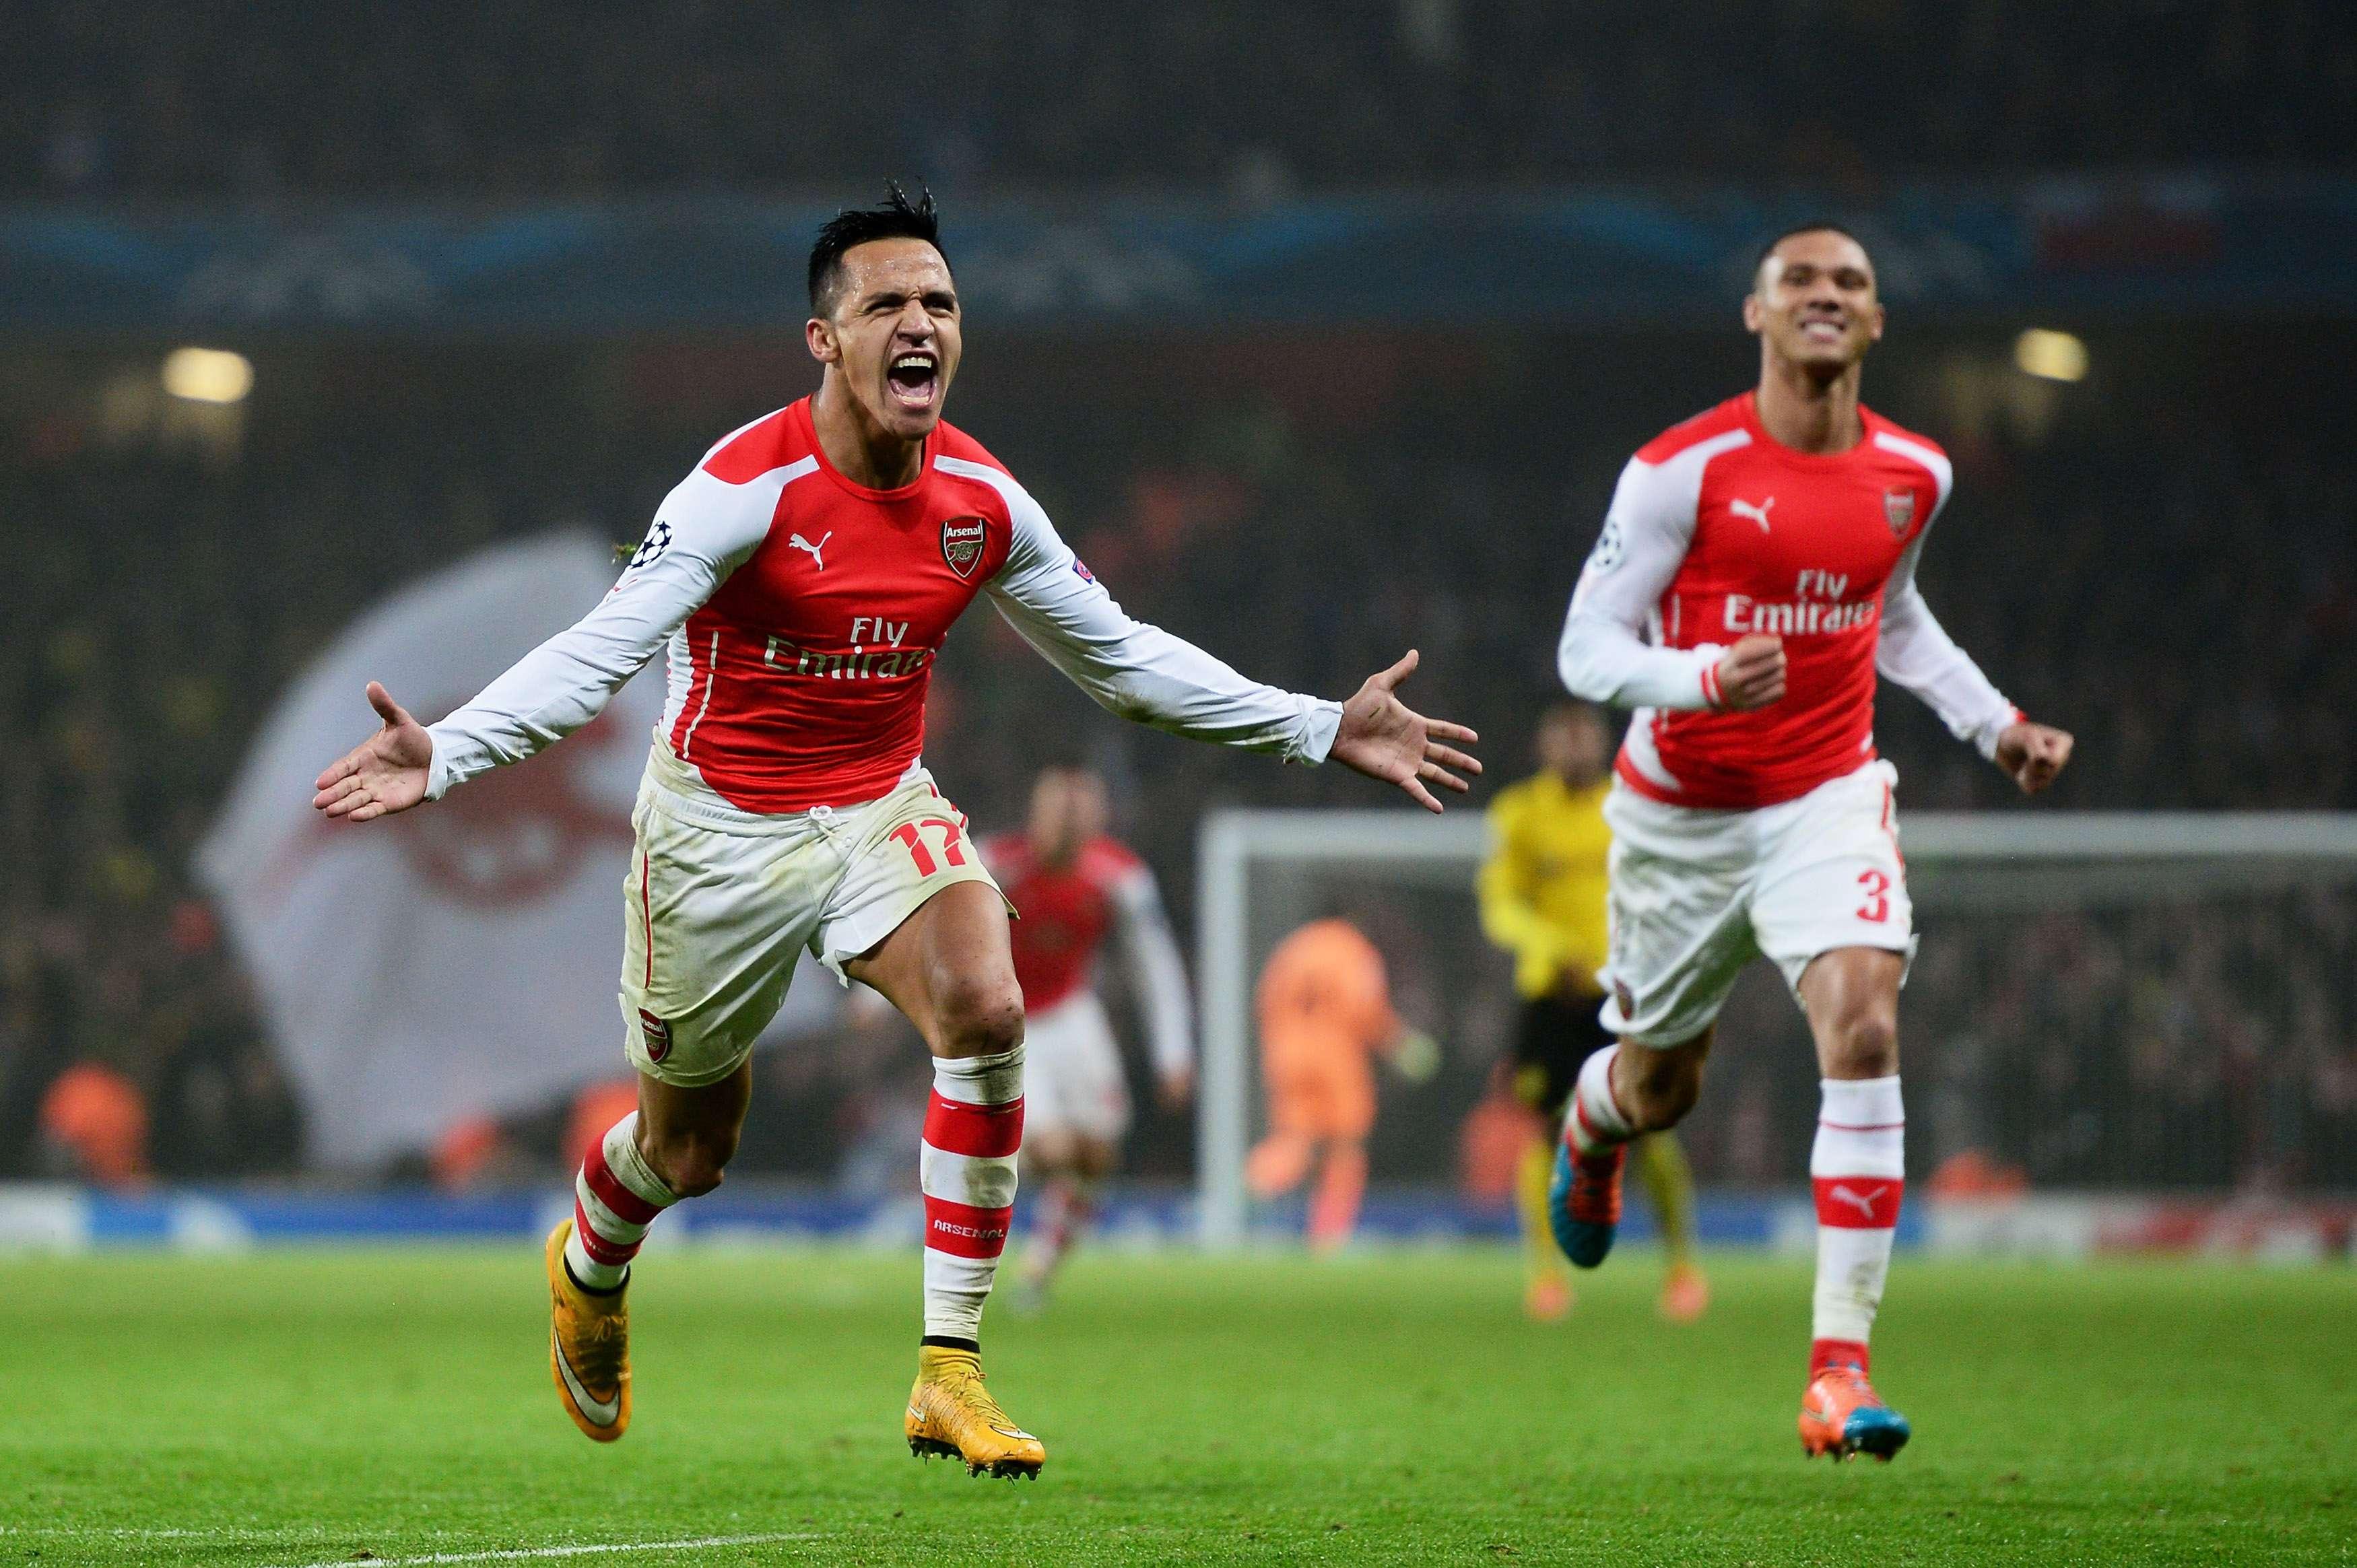 Alexis Sánchez sentenció la victoria sobre el Dortmund. Foto: Getty Images